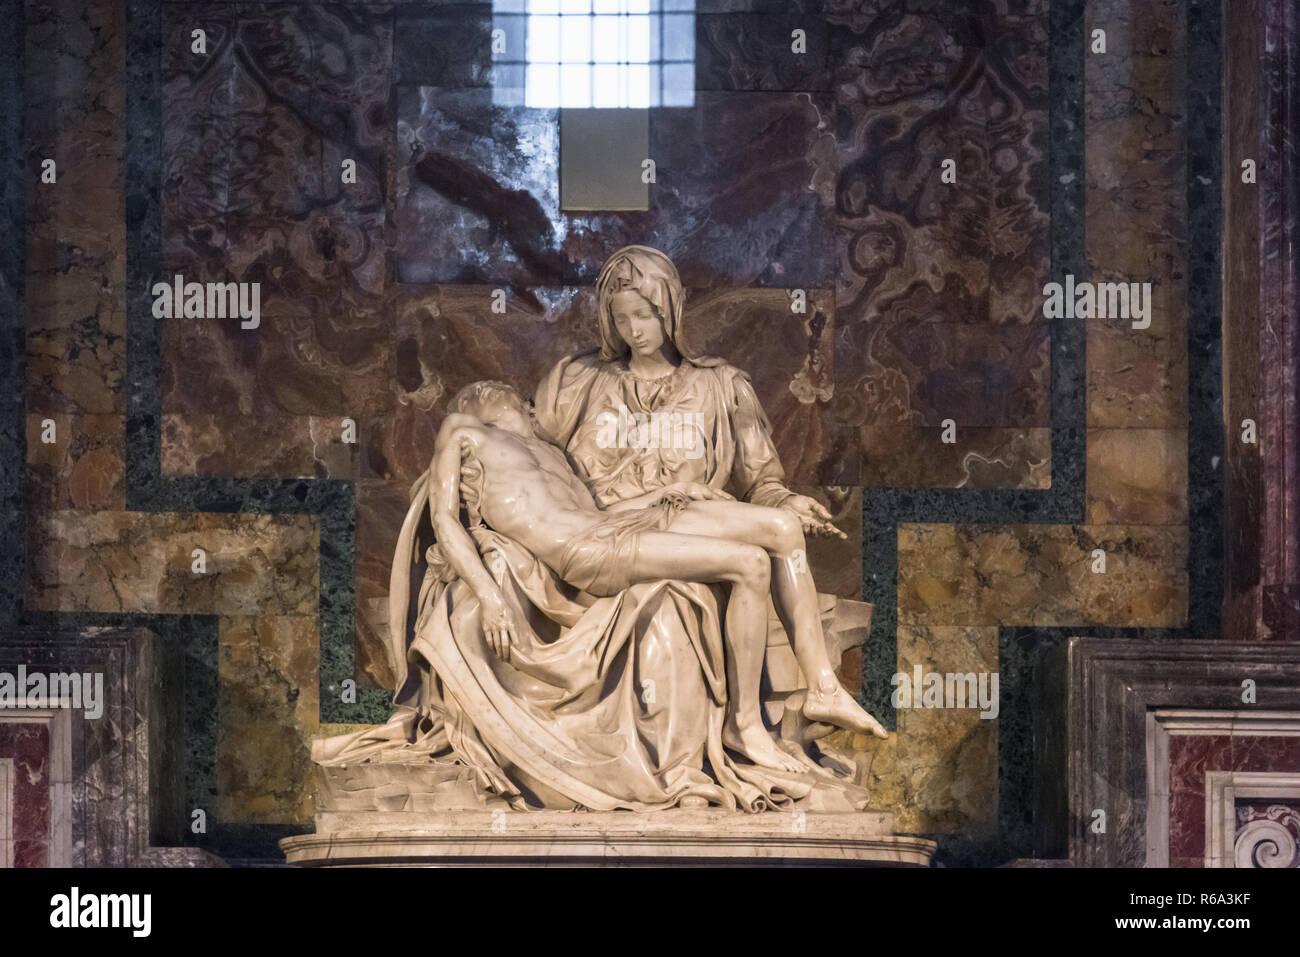 La Pietà di Michelangelo e la Basilica di San Pietro e la Città del Vaticano, Roma, Italia Immagini Stock